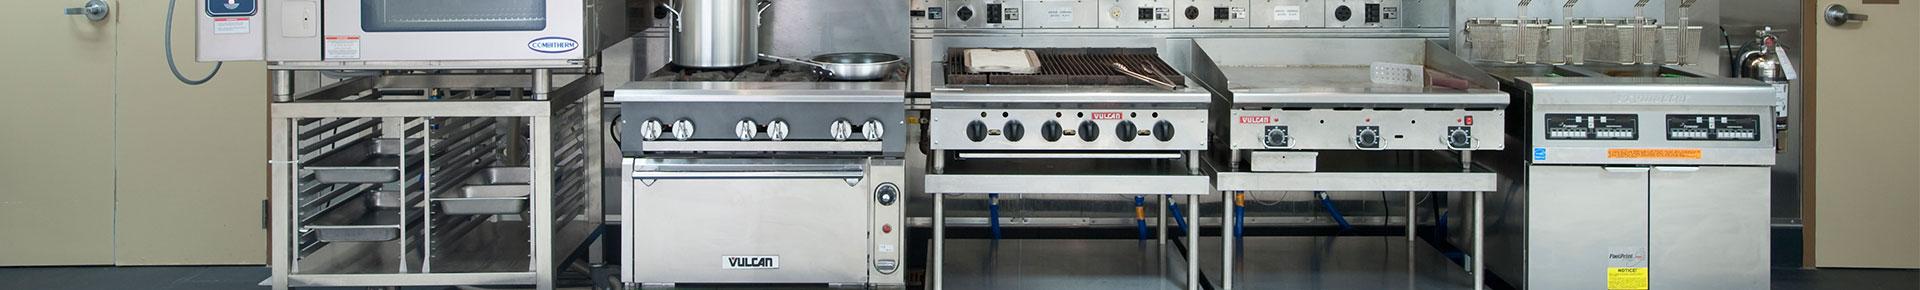 Κουζίνες-Πλατό-Φριτέζες-Βραστήρες